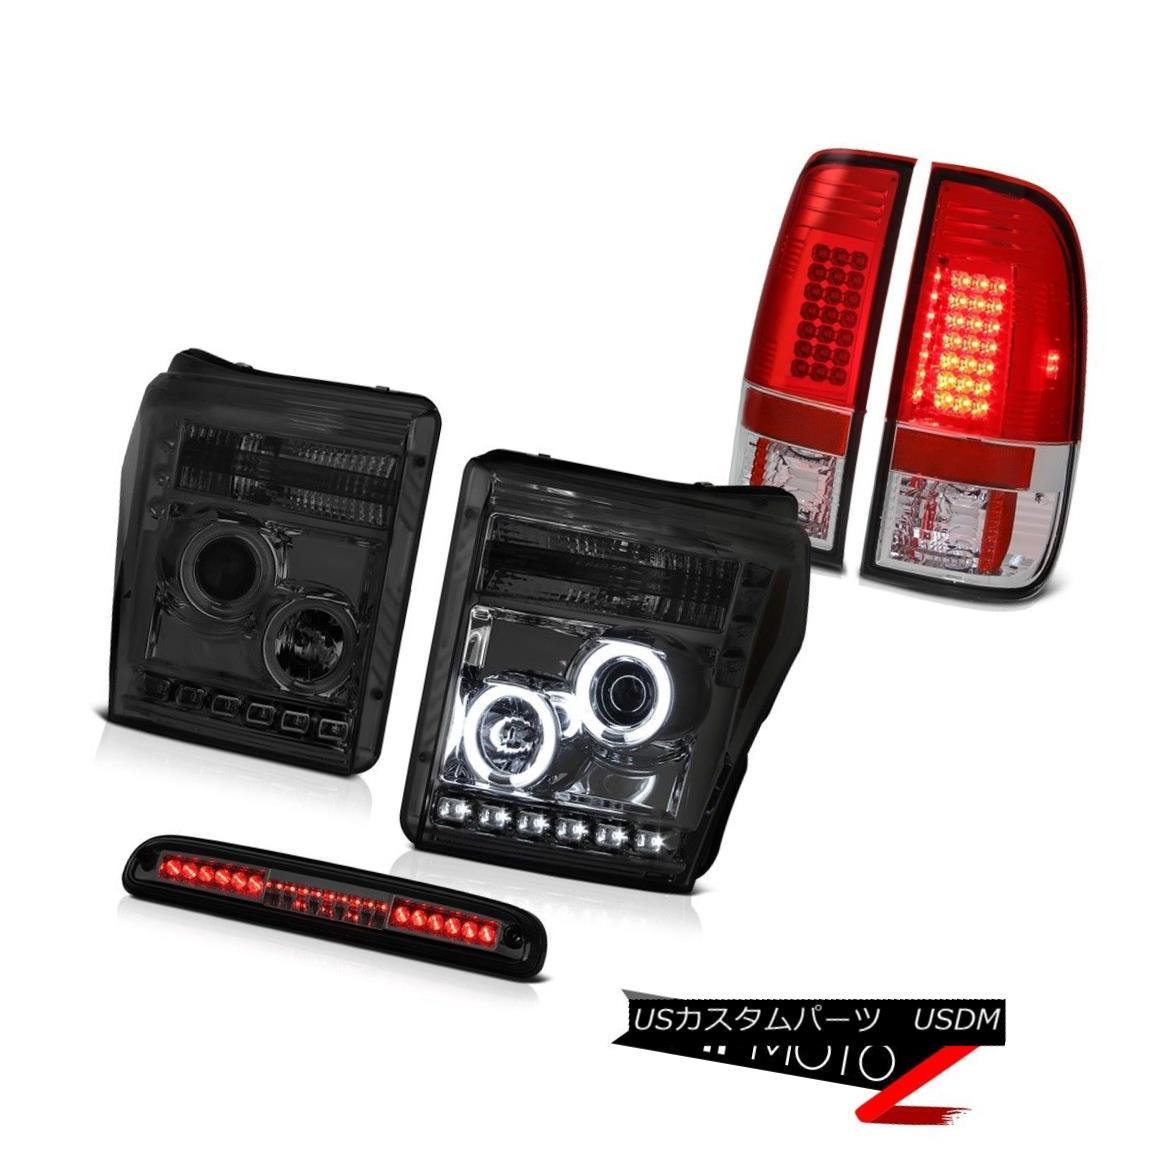 テールライト 11 12 13 14 15 16 F250 6.2L Third Brake Lamp Taillamps Projector Headlights SMD 11 12 13 14 15 16 F250 6.2L第3ブレーキランプタイヤランププロジェクターヘッドライトSMD